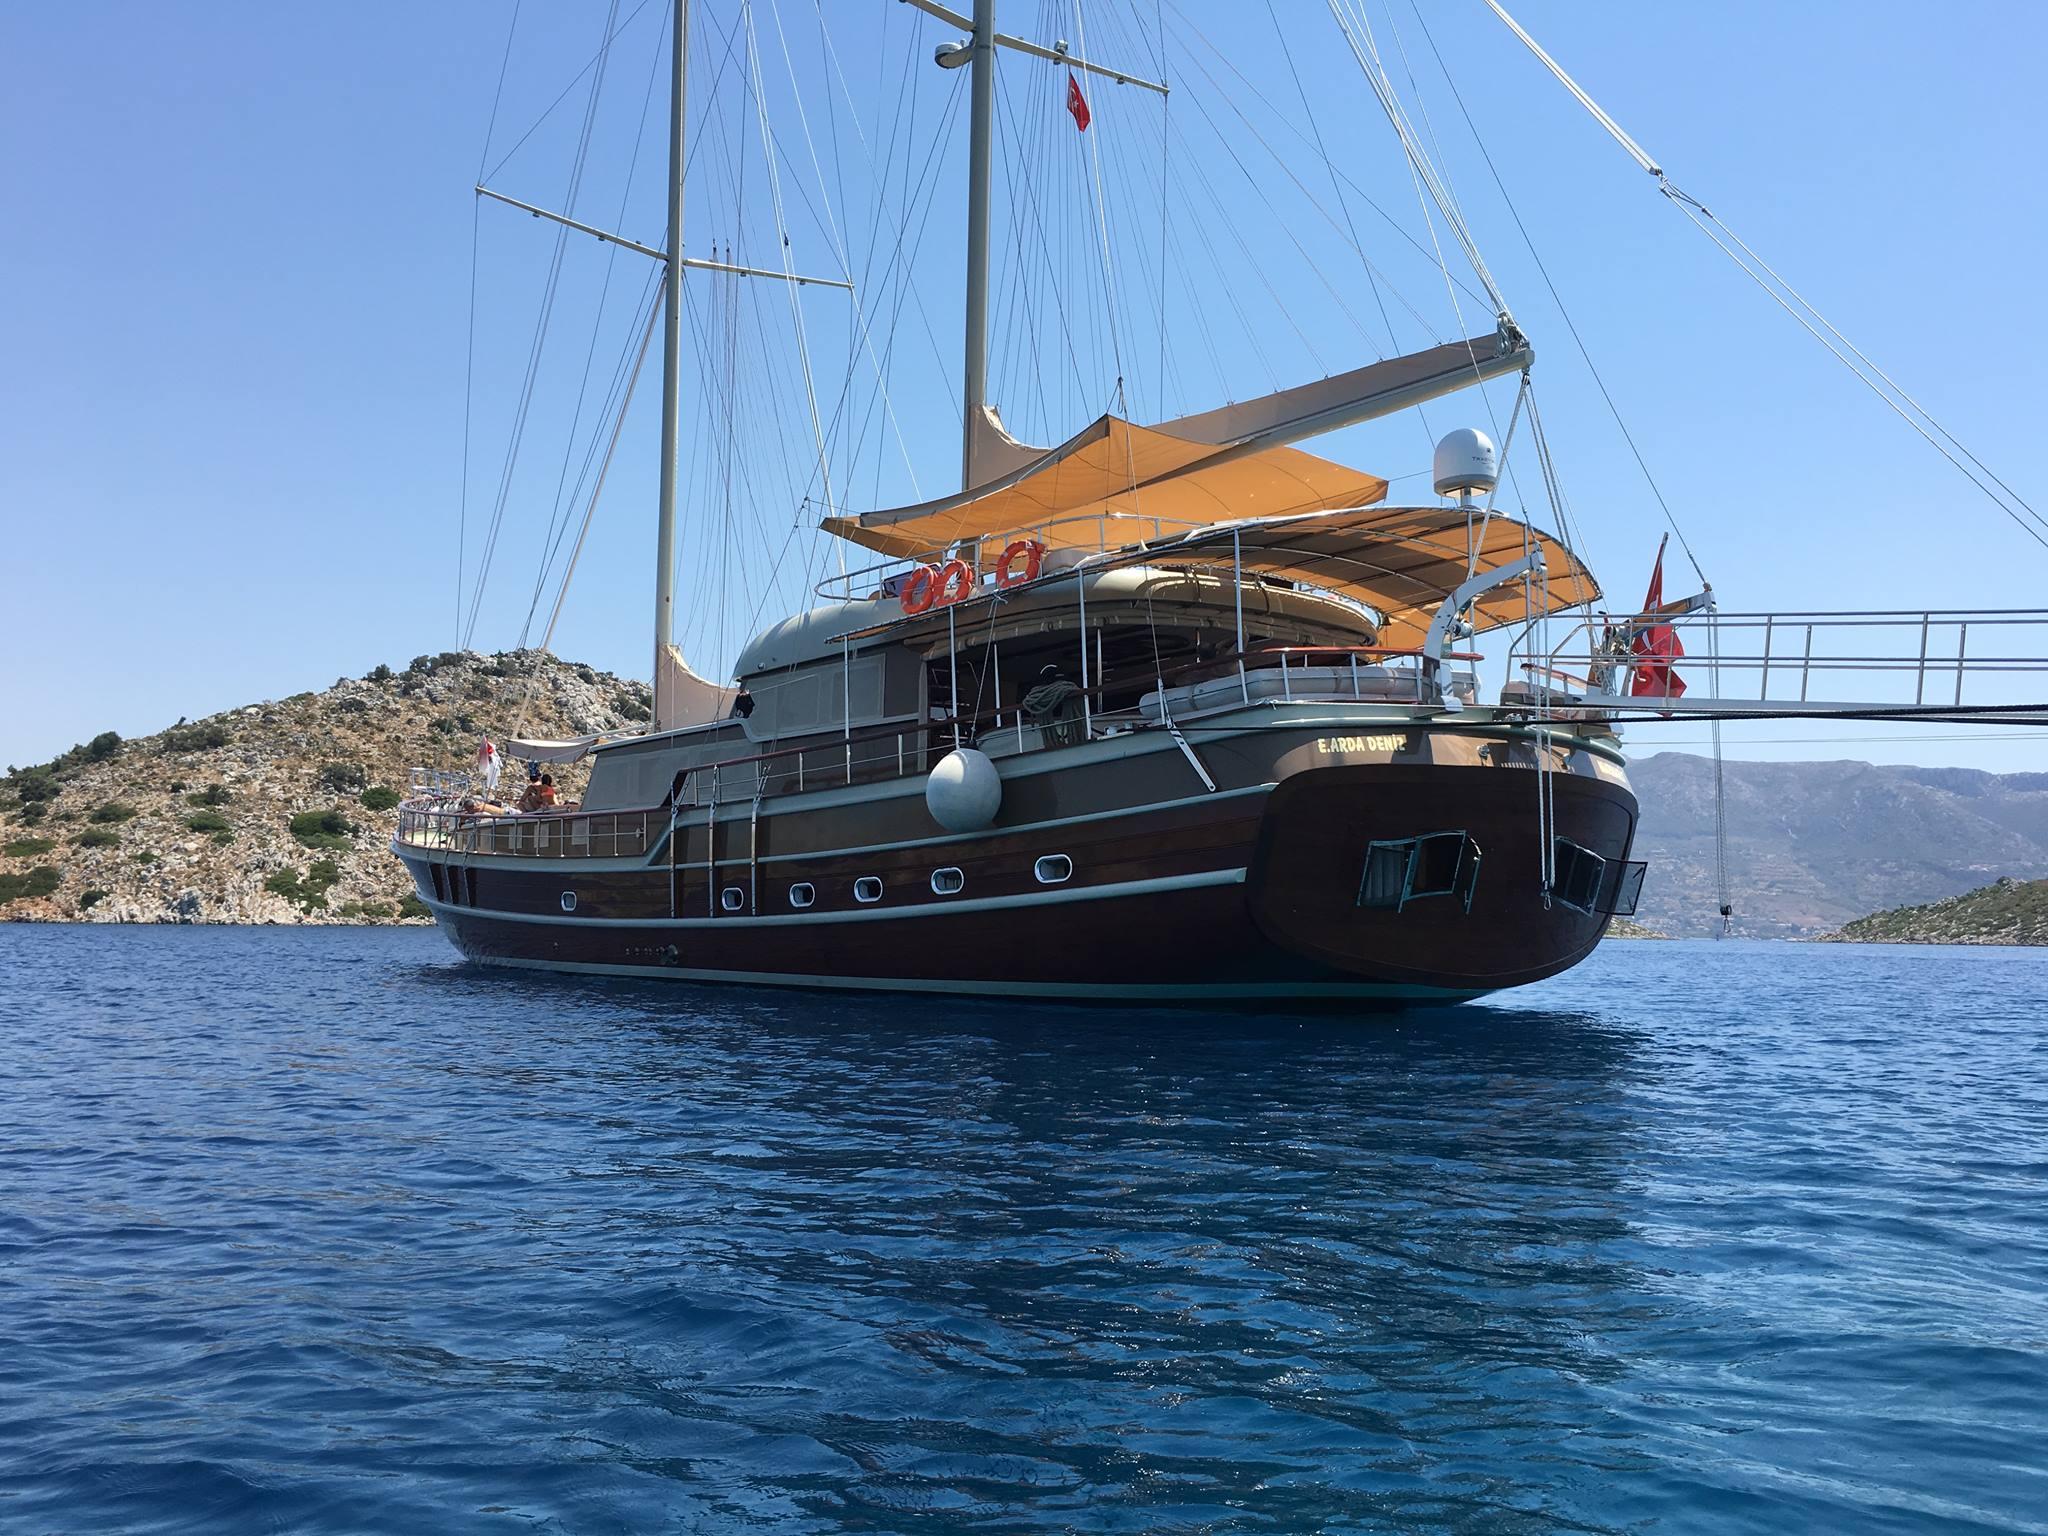 Caicco E.Arda Deniz